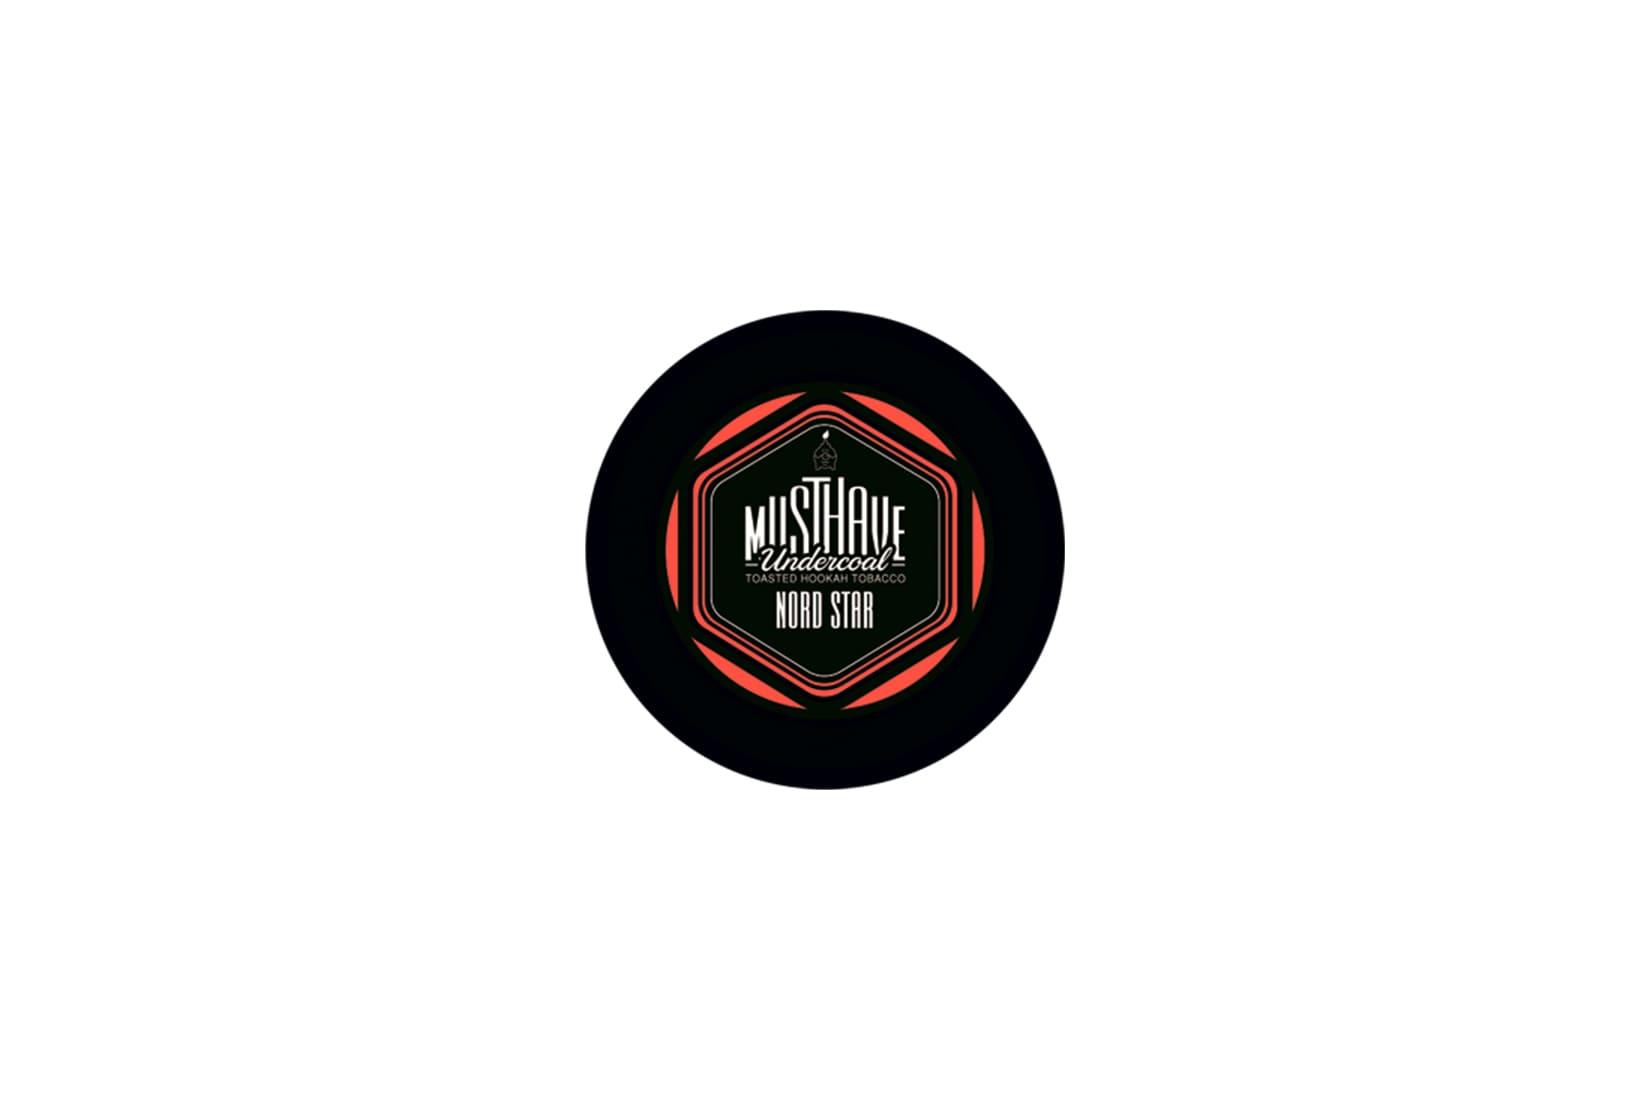 Табак для кальяна MustHave Nord Star – описание, миксы, отзывы